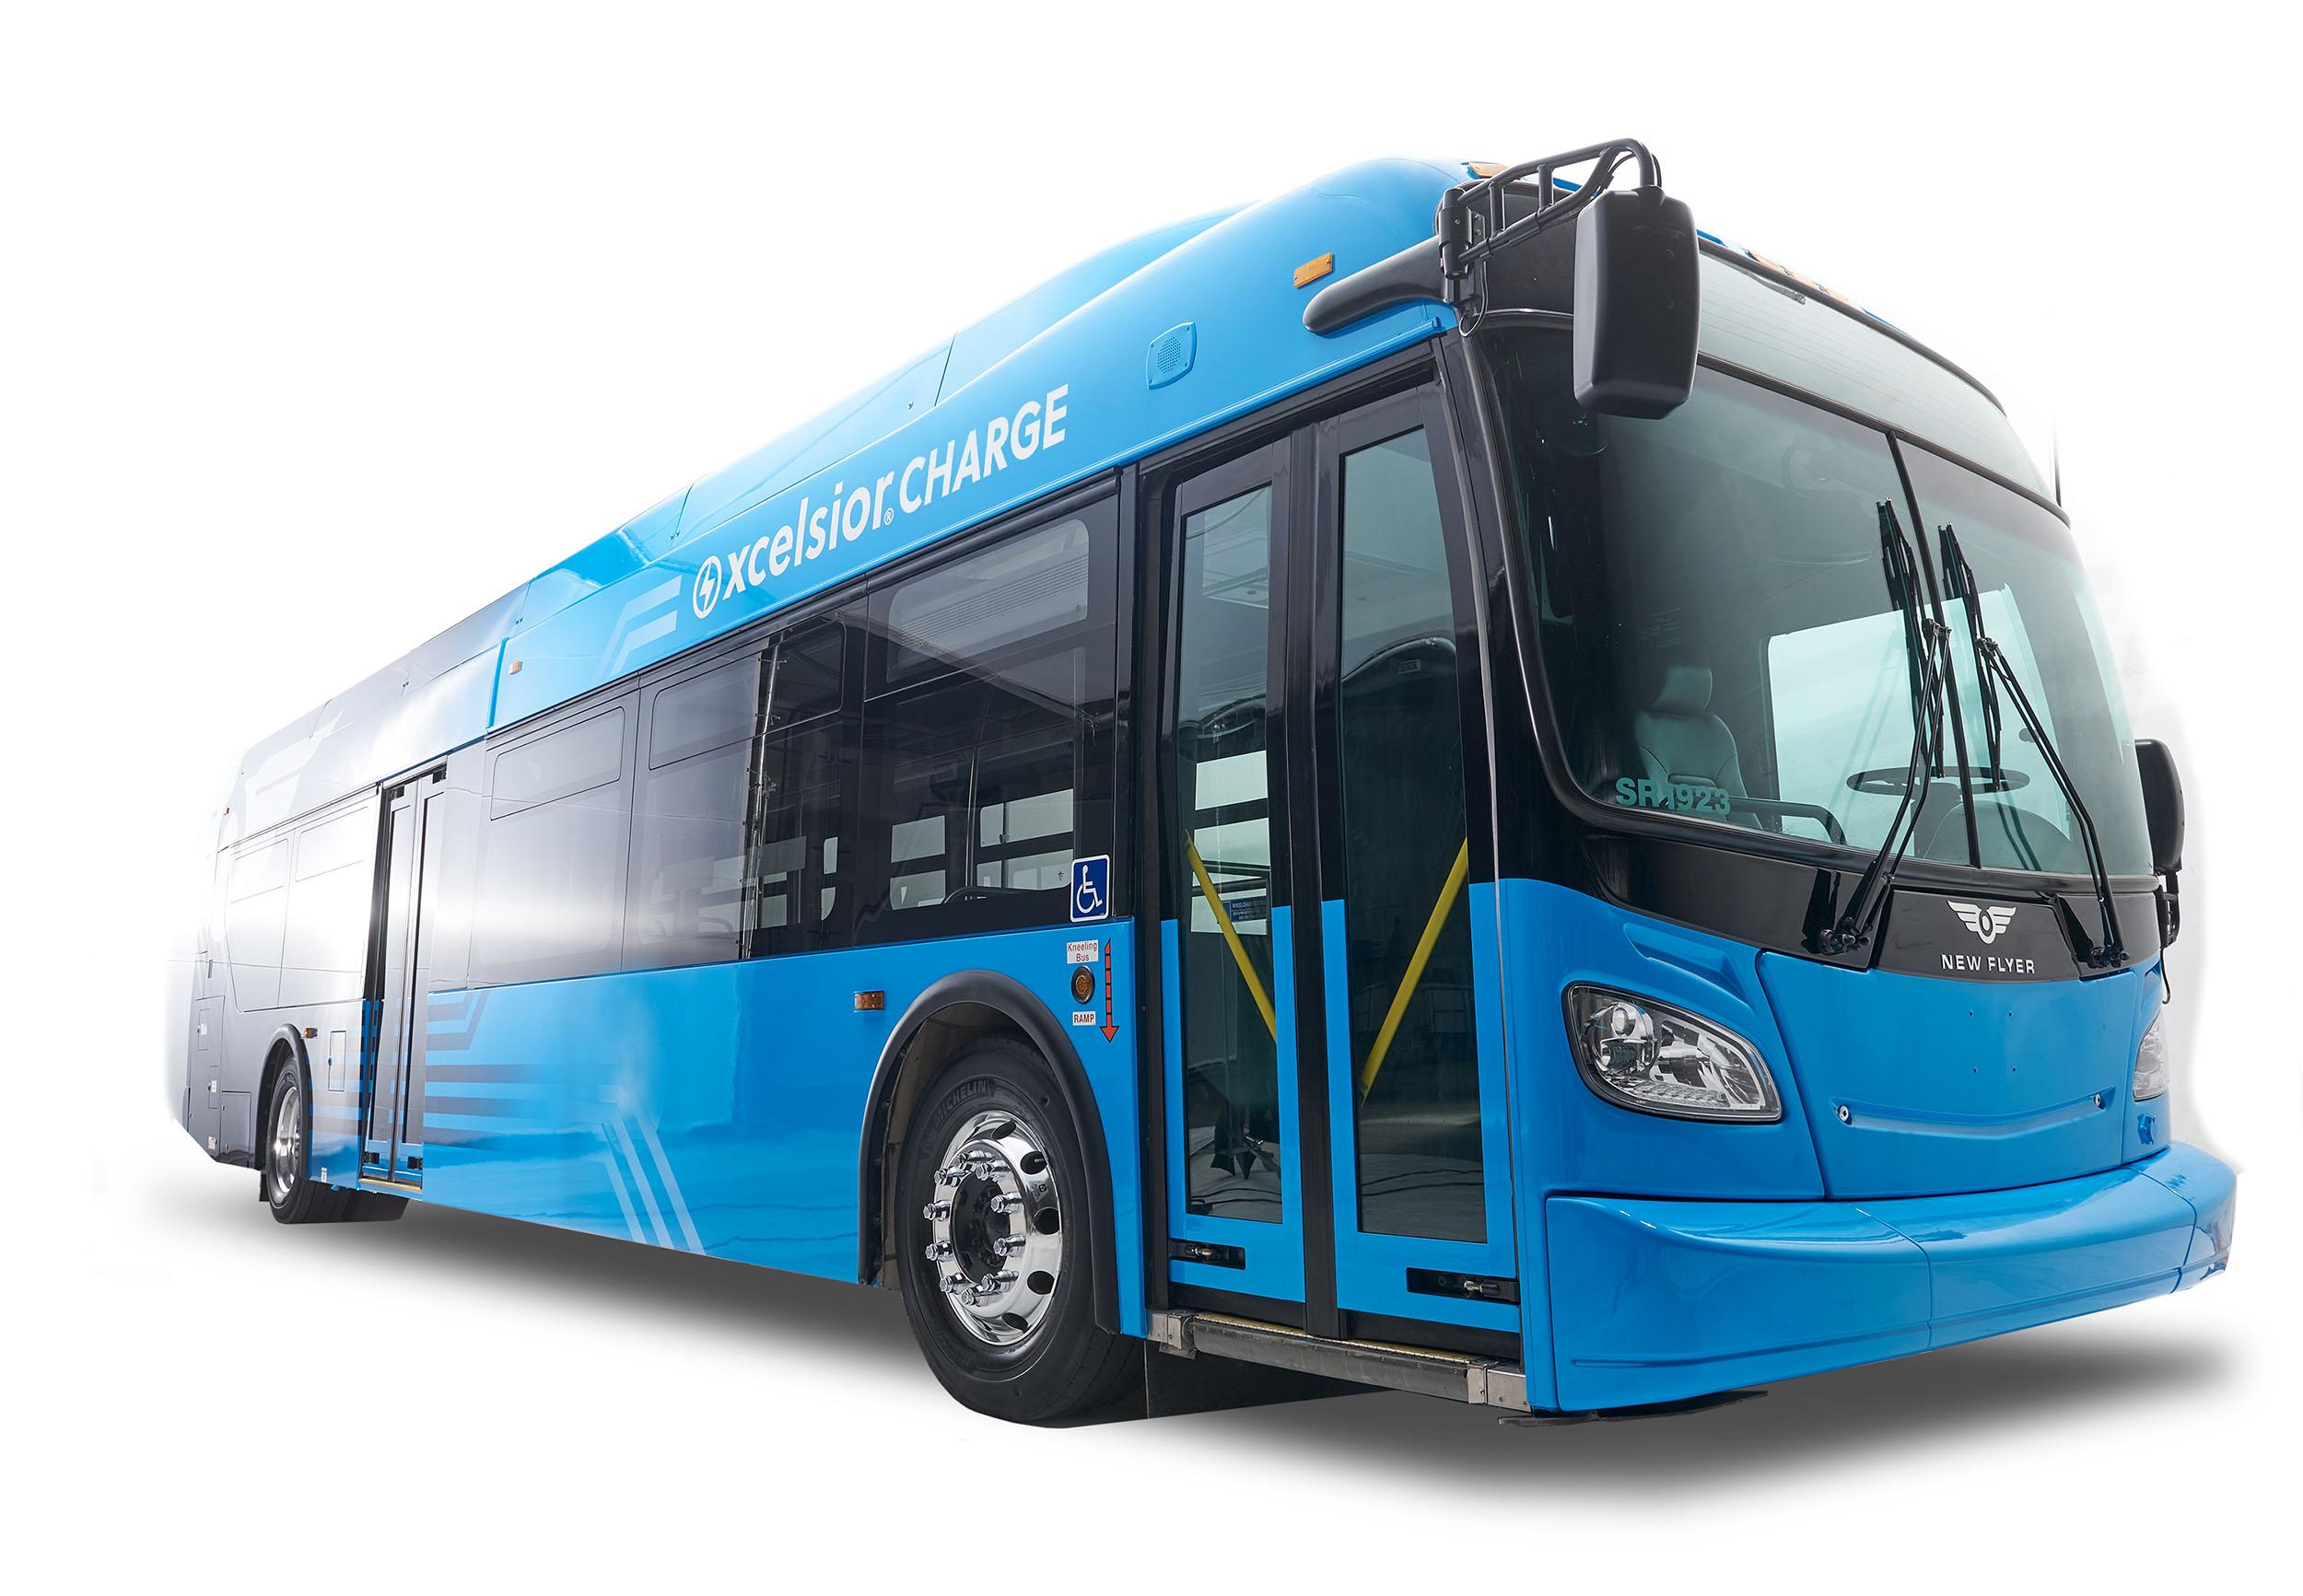 Los Angeles Metro orders 100 electric buses